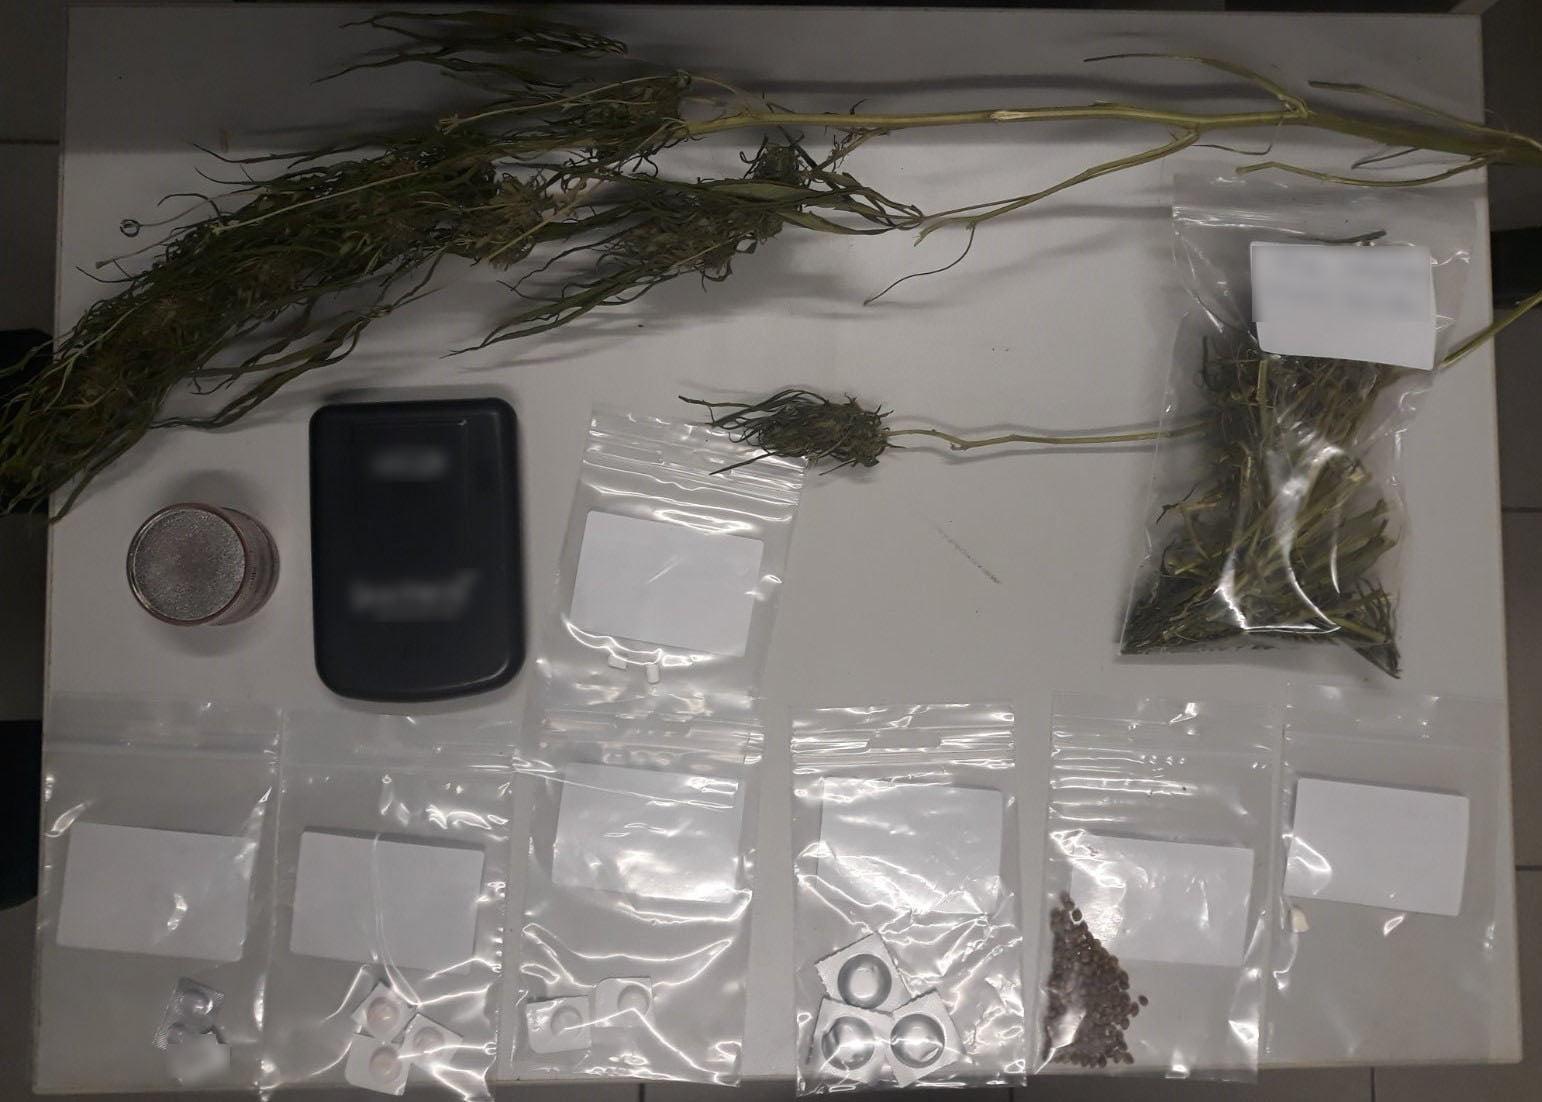 50χρονος και 43χρονη συνελήφθησαν στη Φλώρινα για καλλιέργεια και κατοχή ναρκωτικών ουσιών